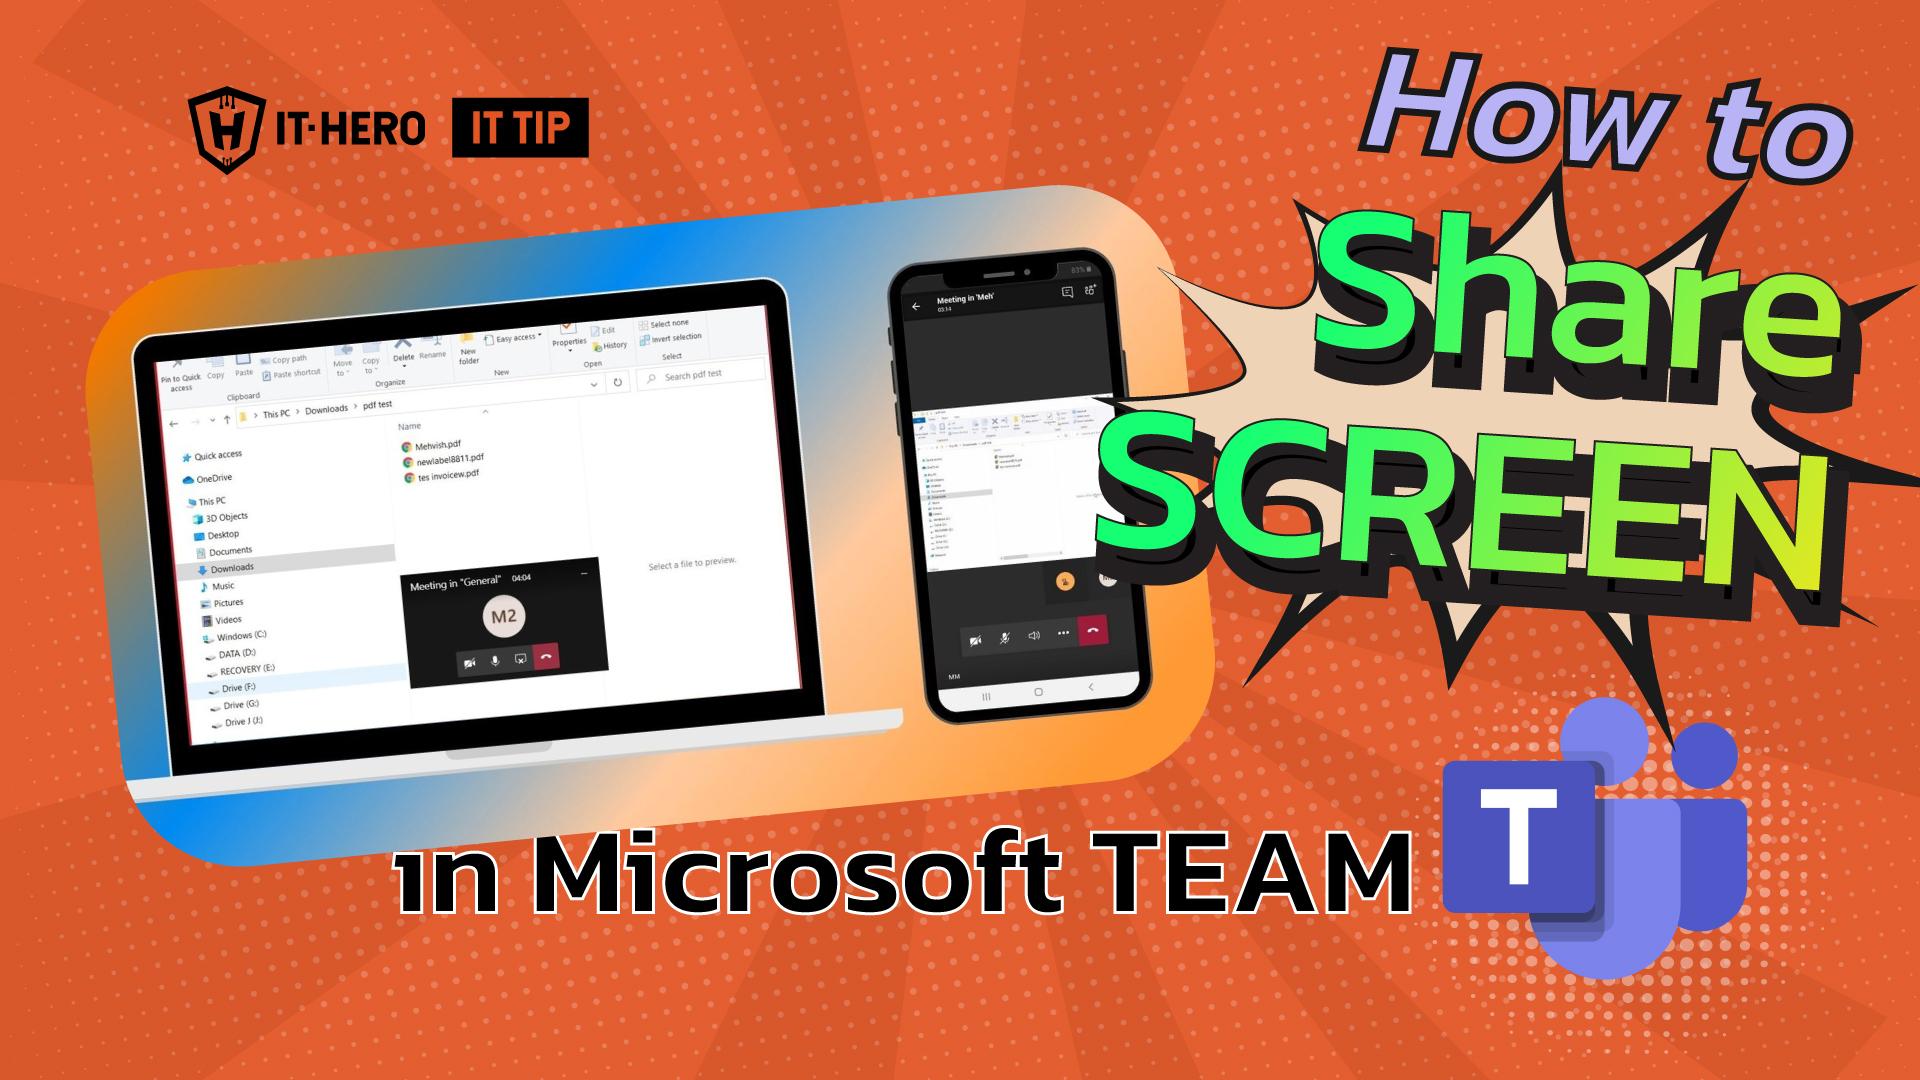 การ Share Screen บน MS Team